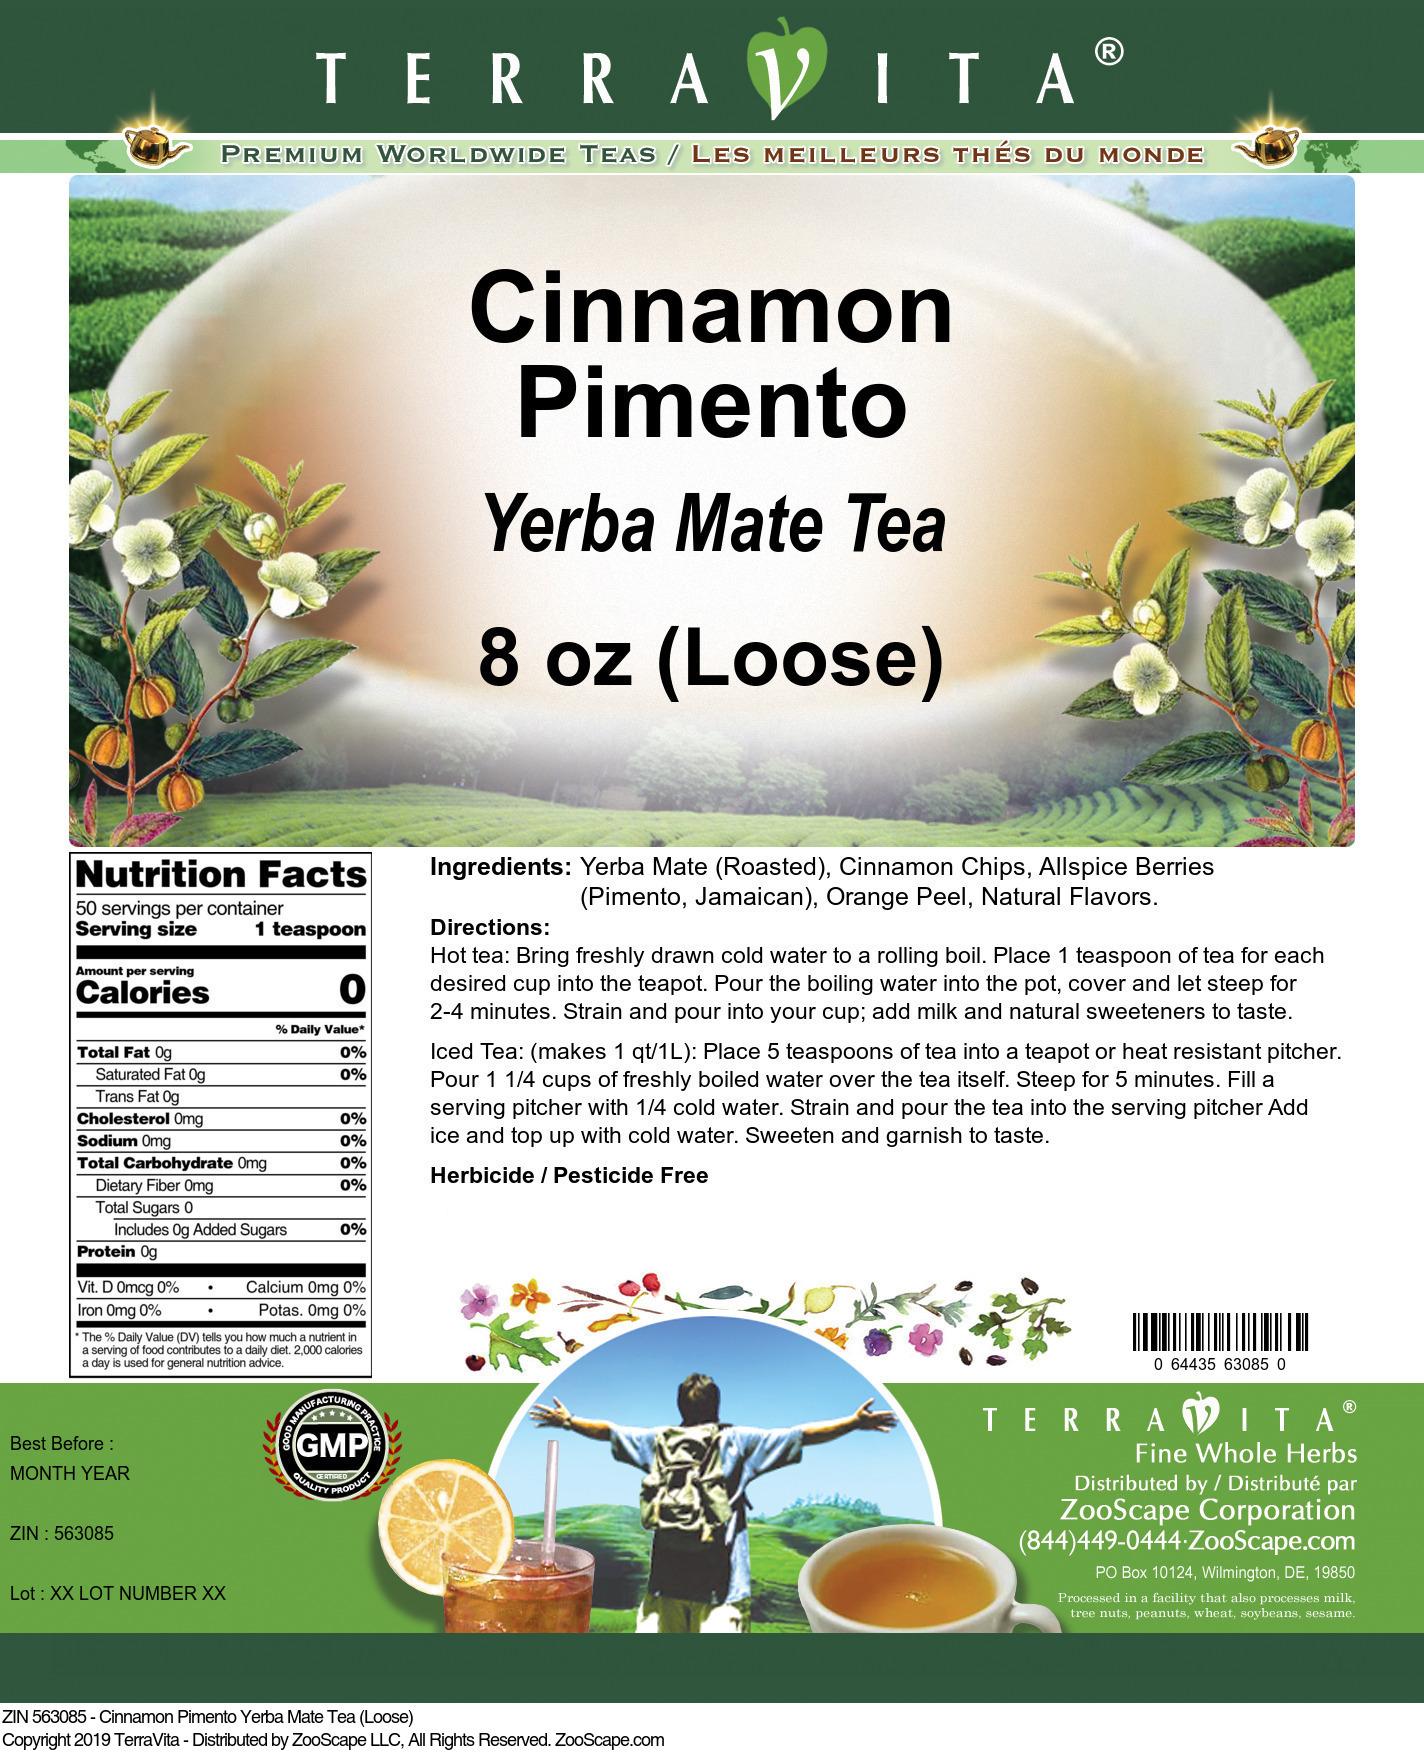 Cinnamon Pimento Yerba Mate Tea (Loose)